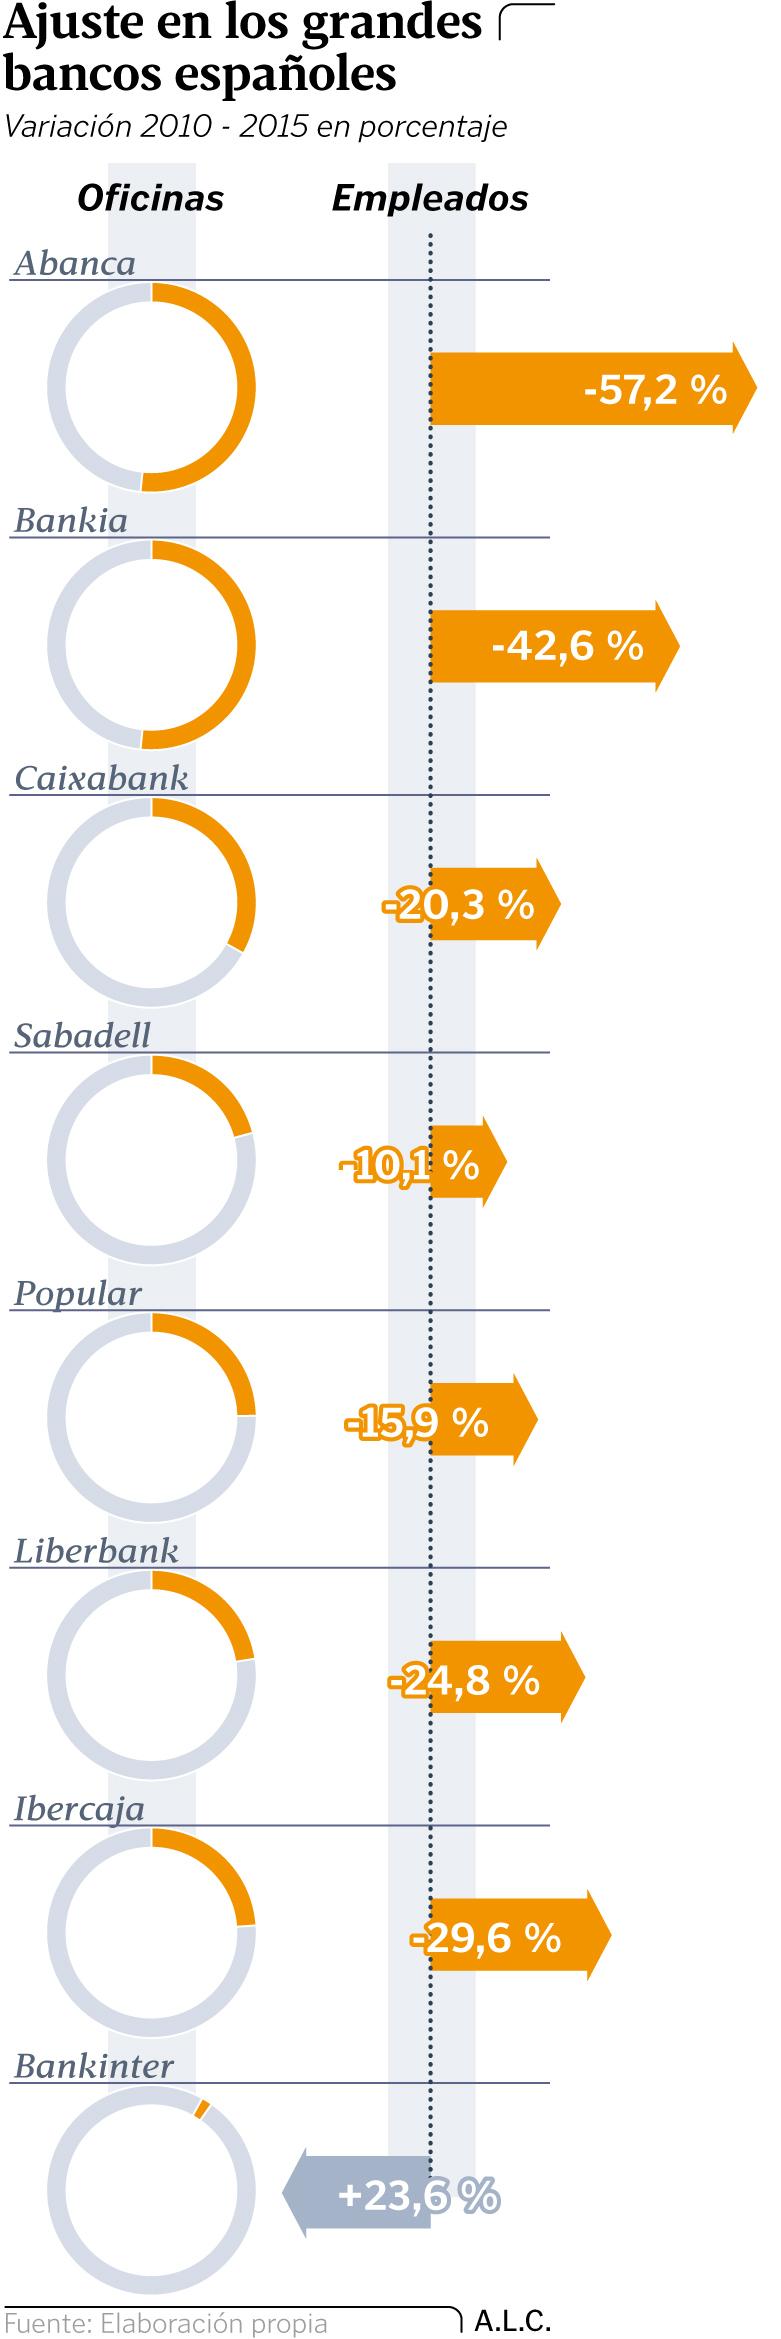 Negocio  de la banca  en España. El gobierno avala a la banca privada por otros 100.000 millones. - Página 7 Gl22p24g1-01